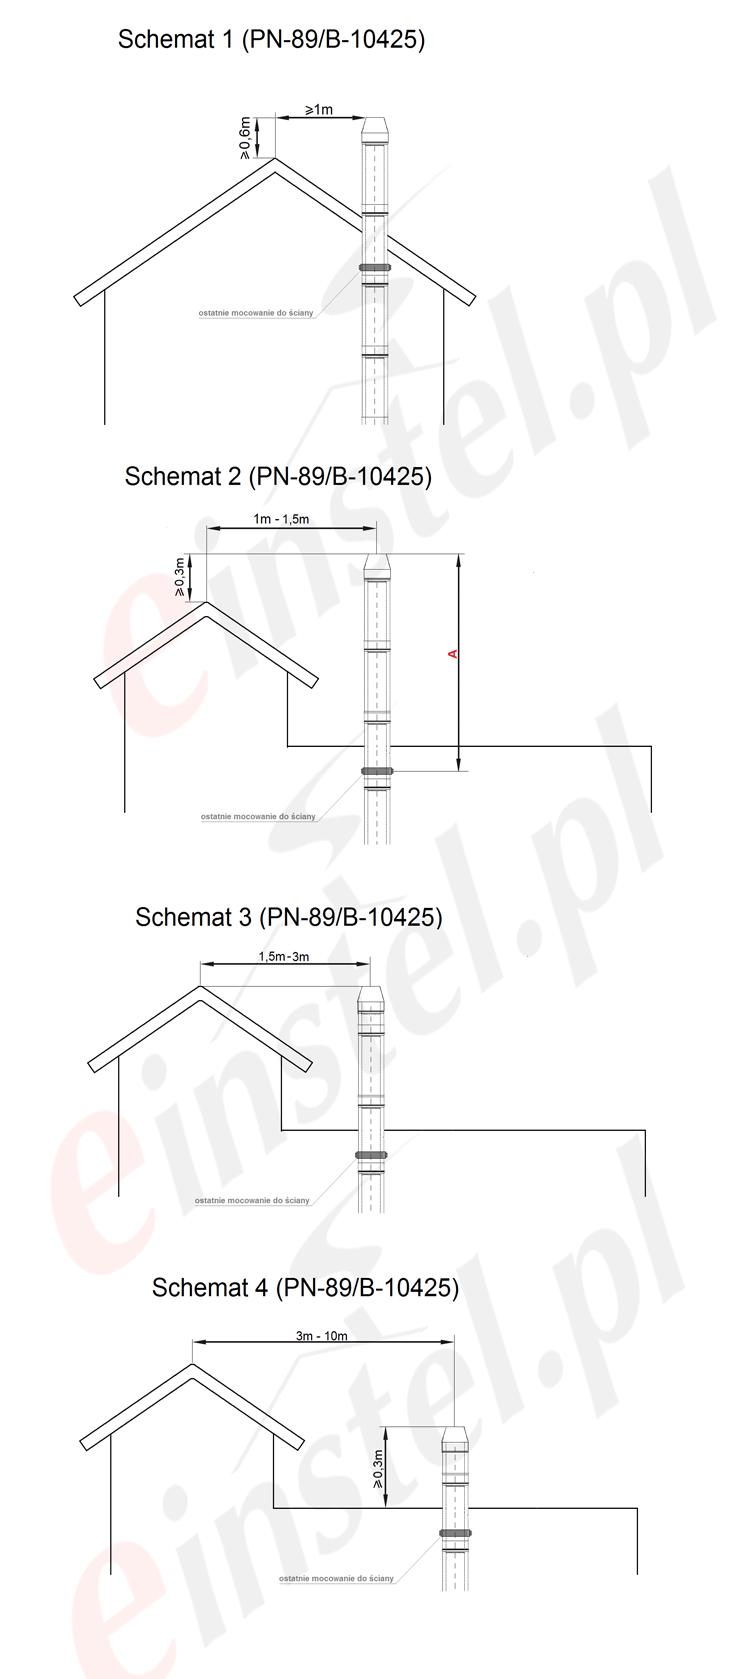 Schematy kominowe zgodnie z normą PN-89B-10425